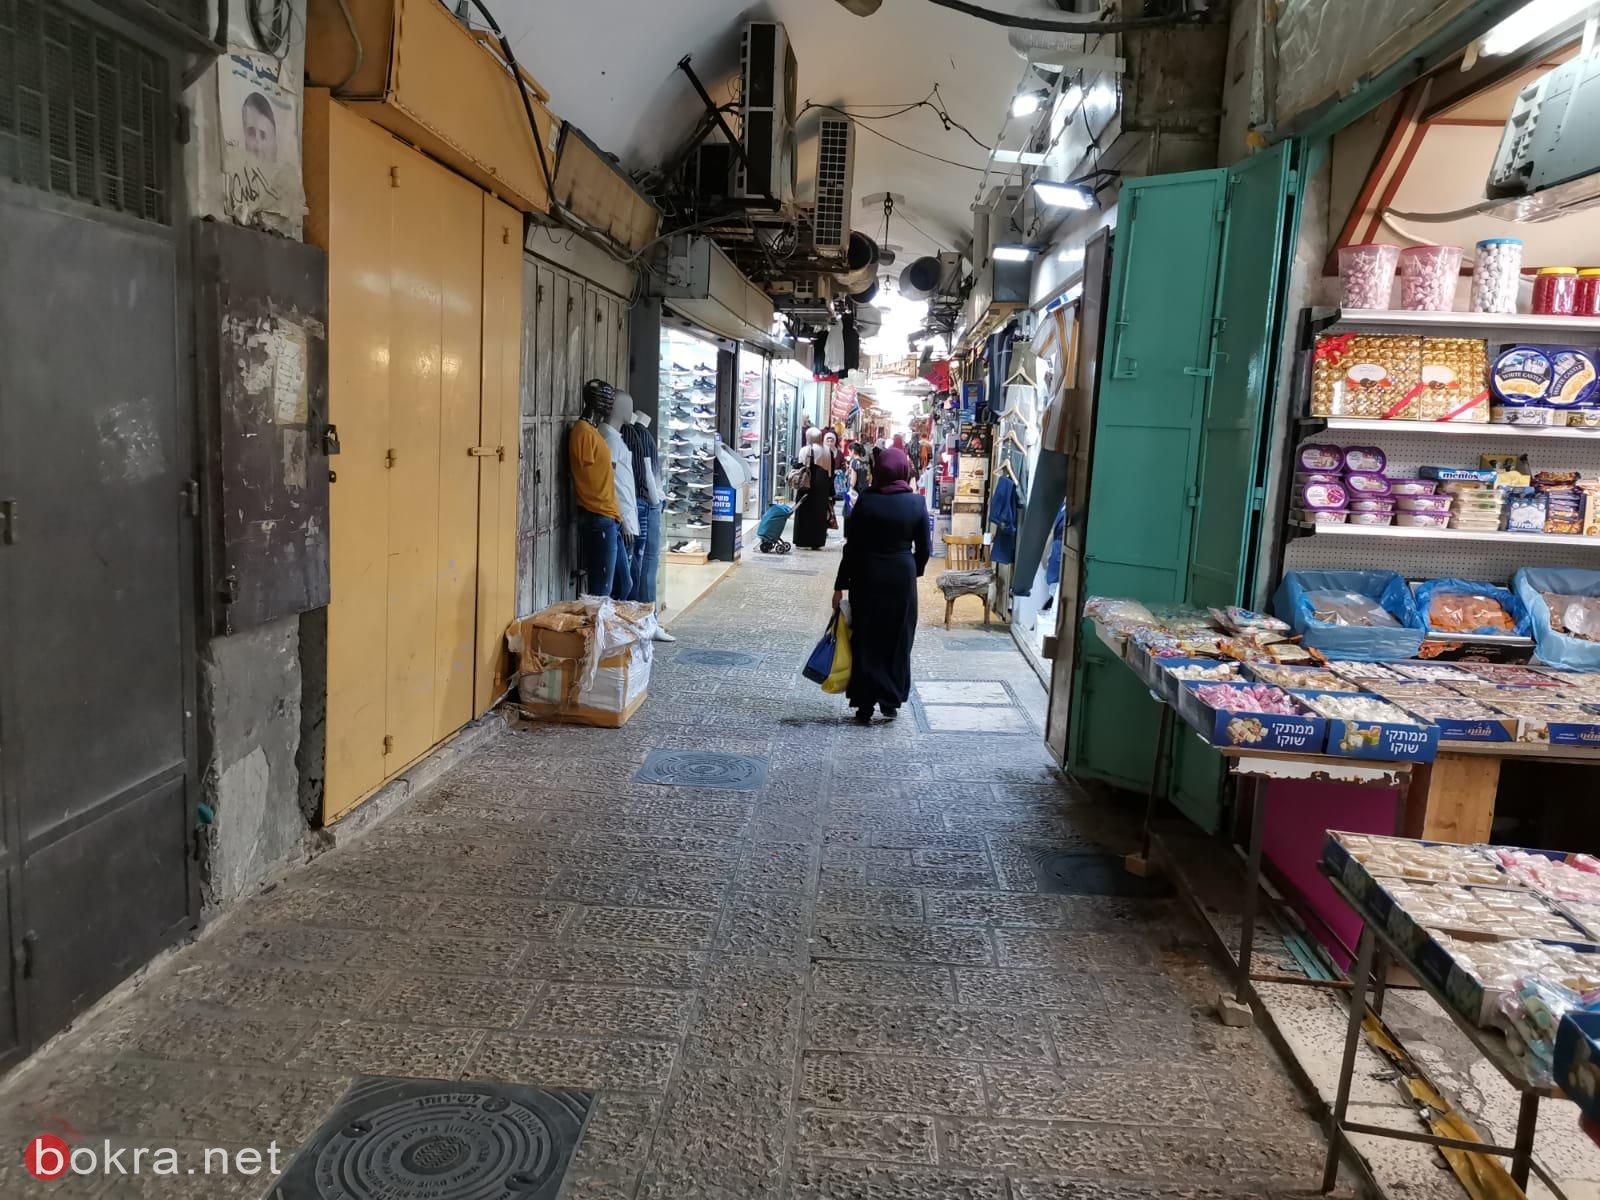 عشية العيد : أسواق القدس القديمة حزينة وخالية